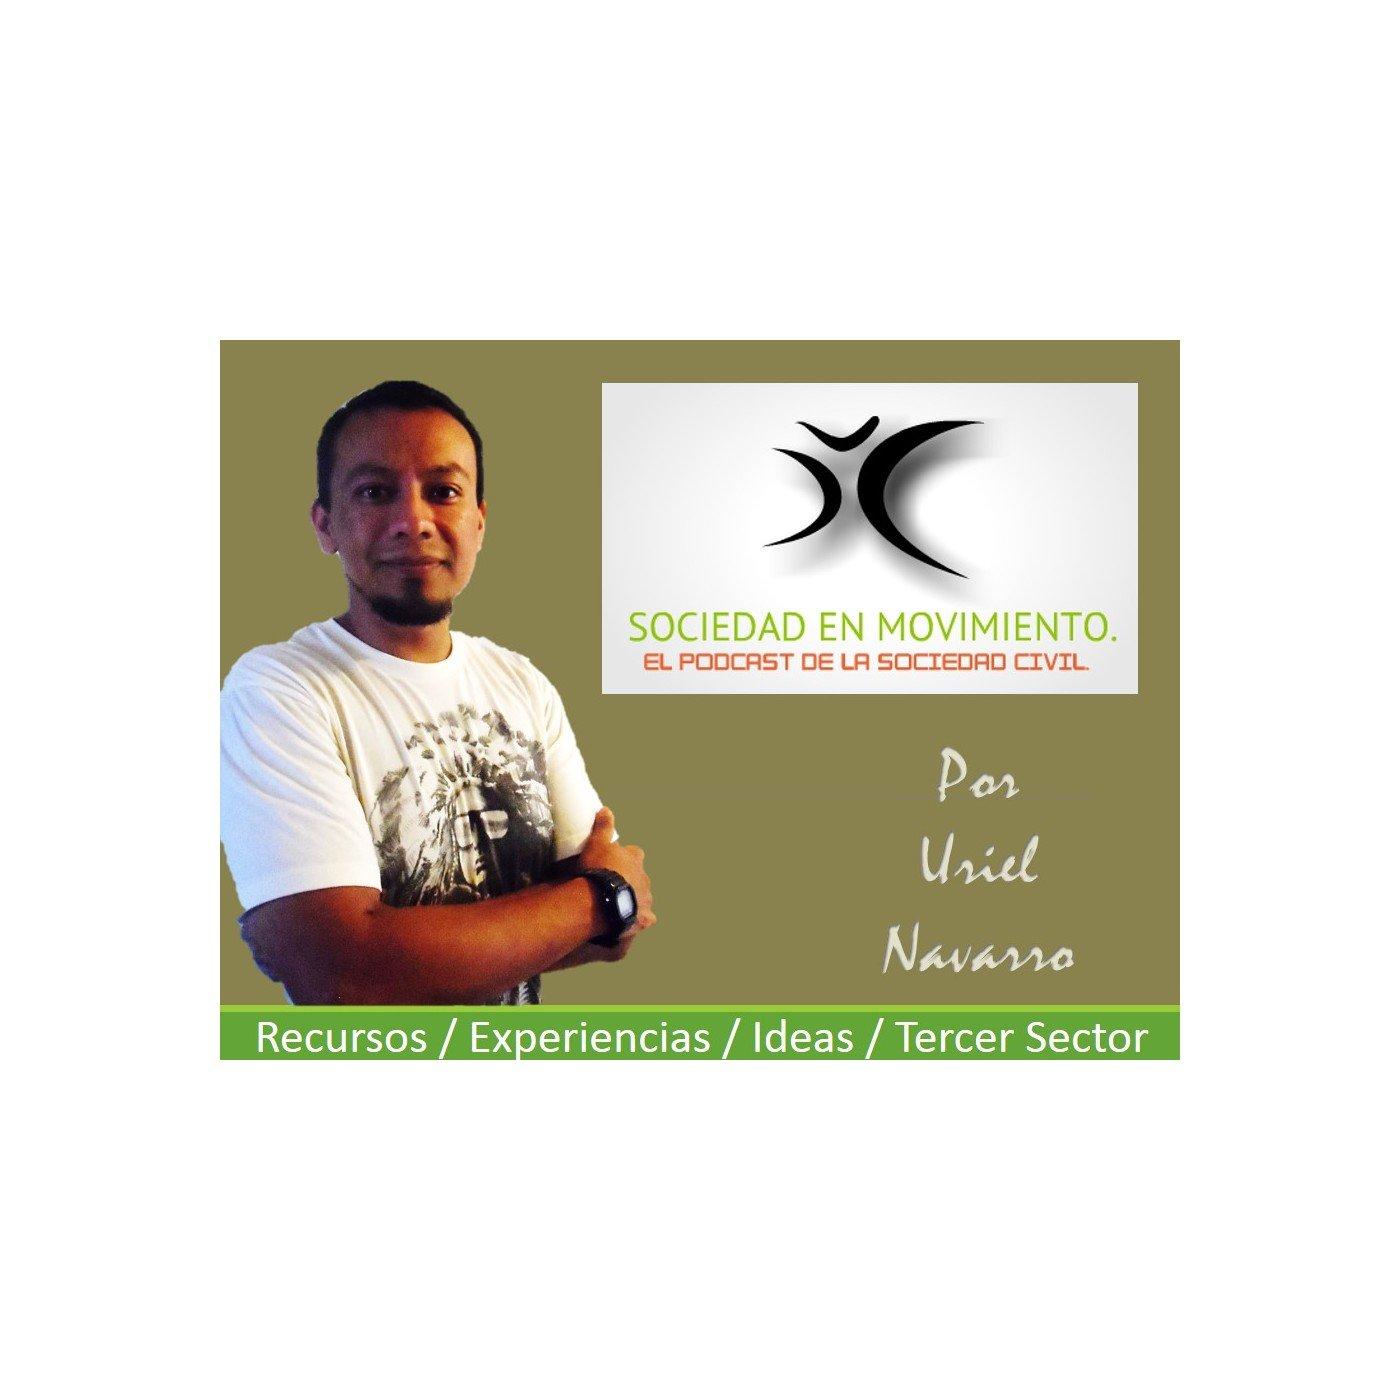 <![CDATA[Podcast Sociedad en Movimiento por Uriel Navarro]]>